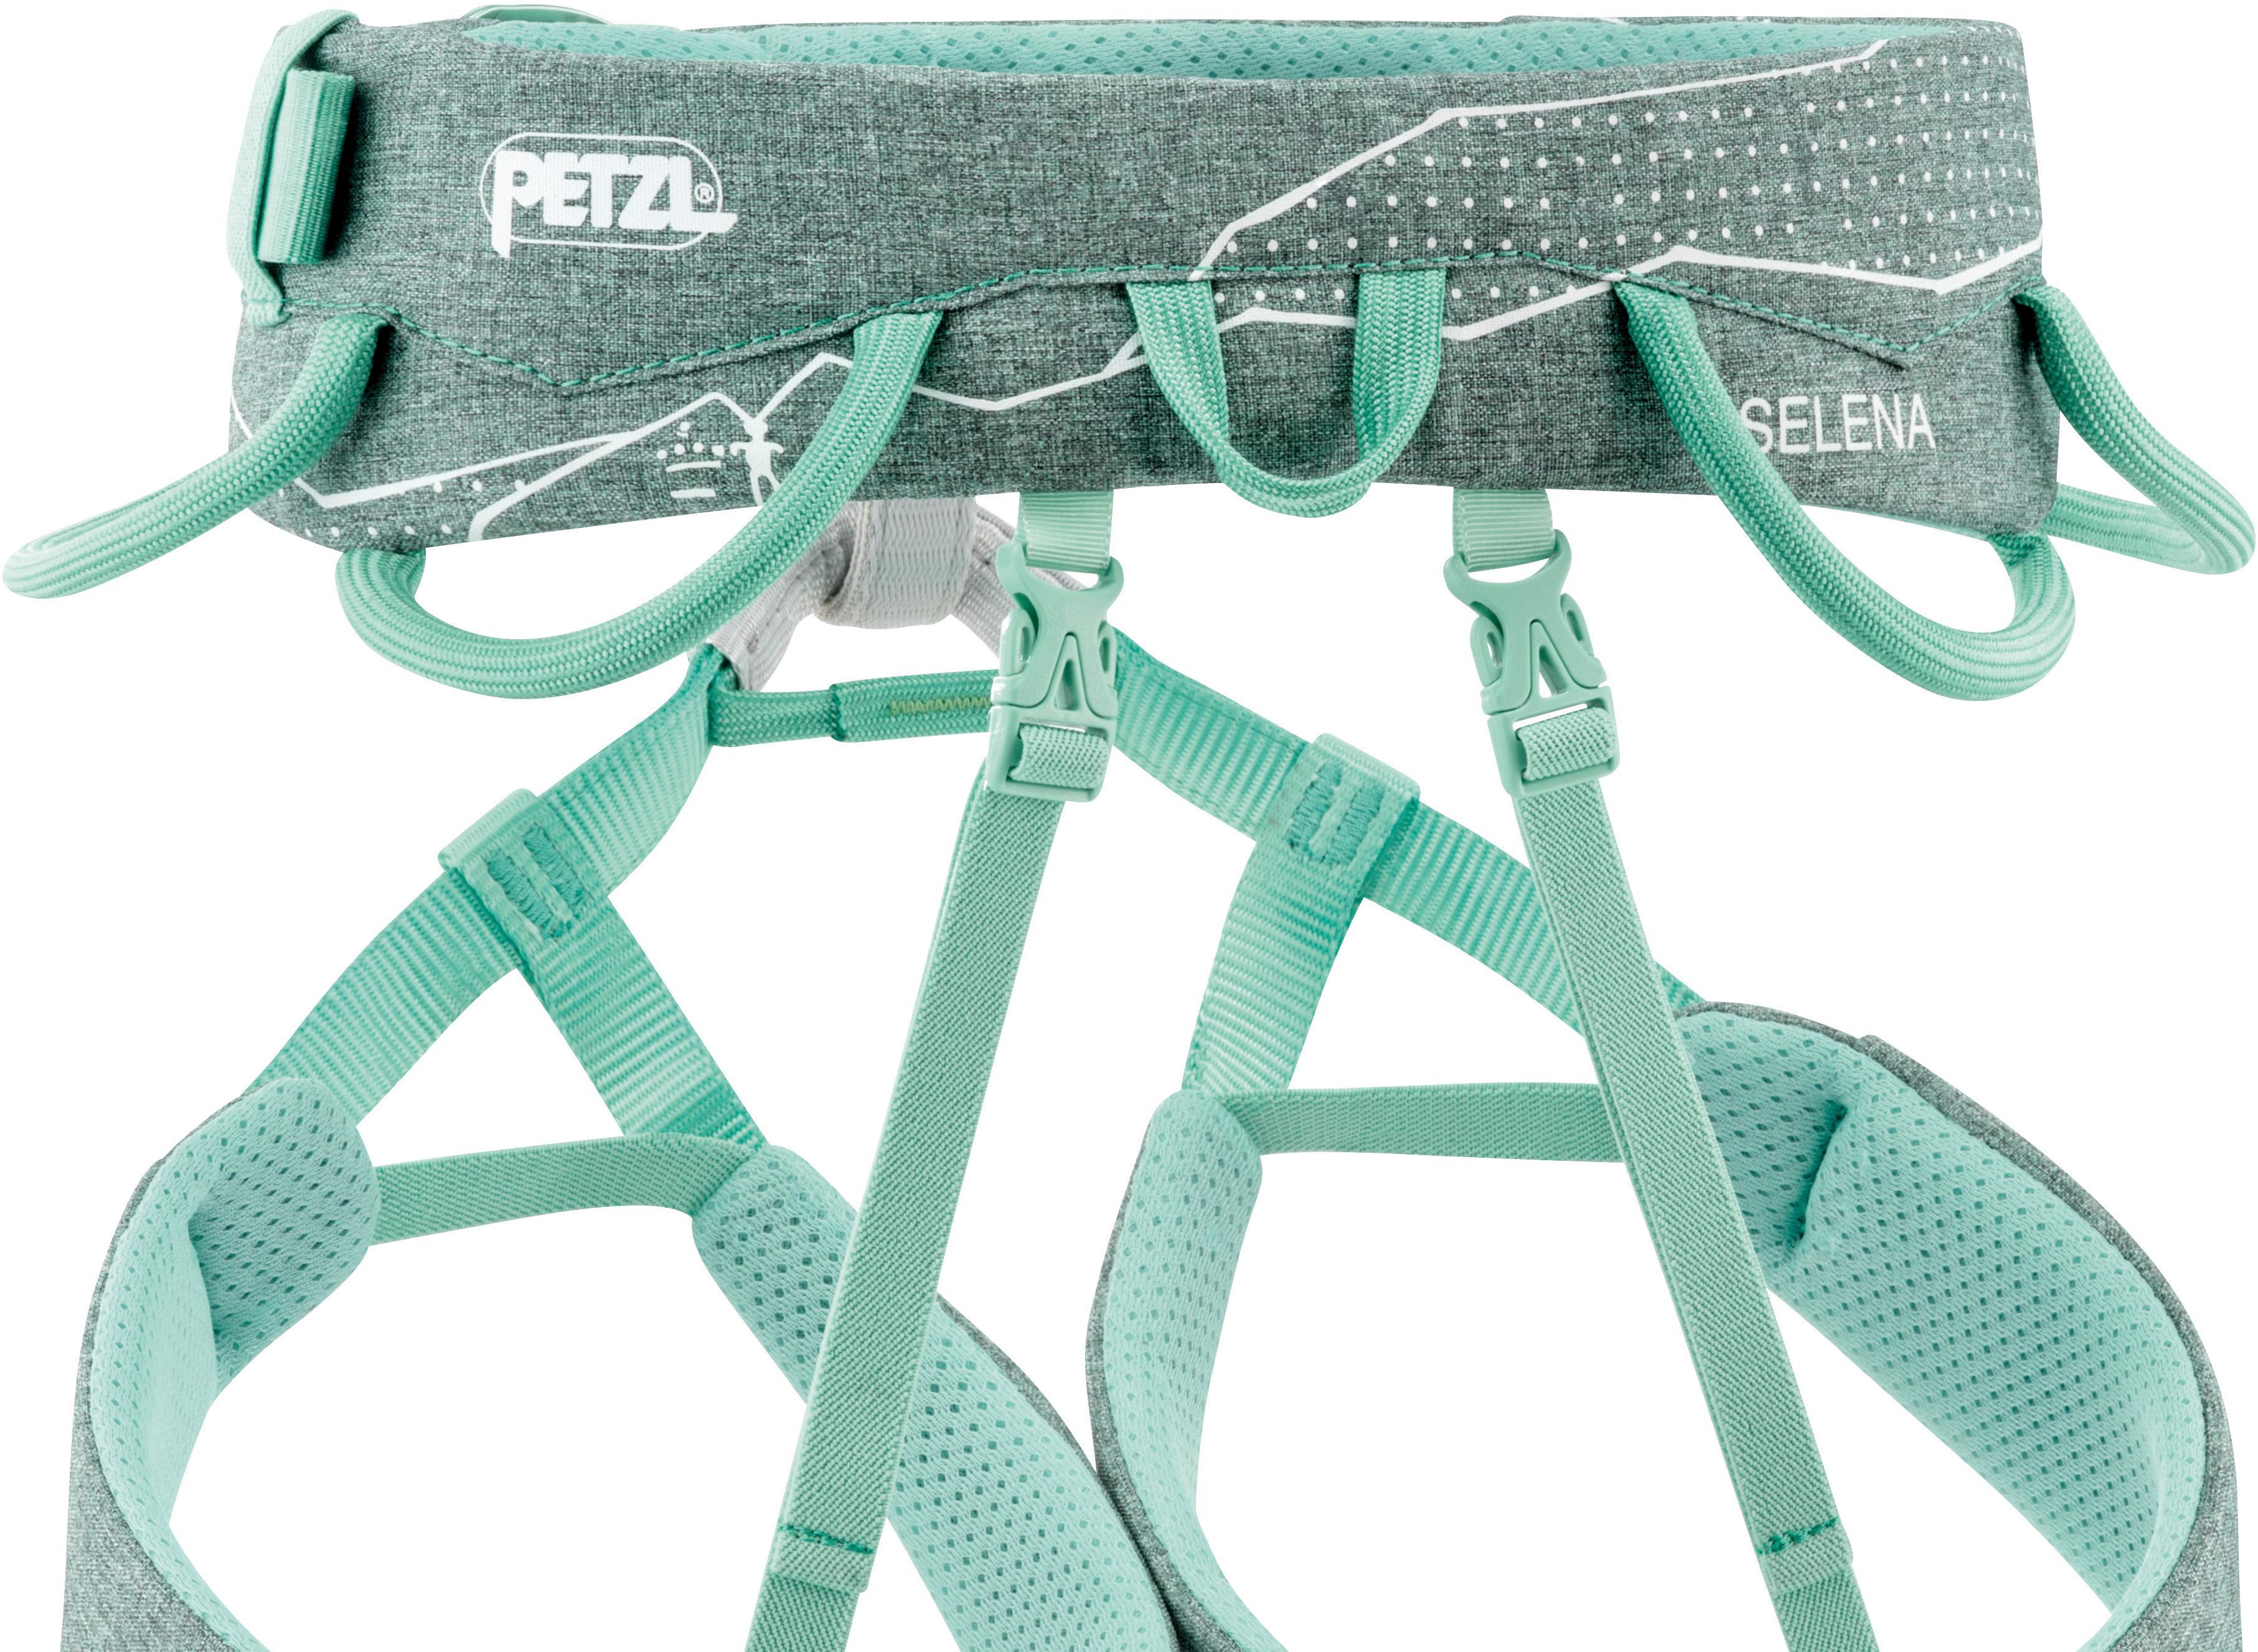 Klettergurt Damen Petzl : Petzl selena klettergurt damen grün meliert im online shop von